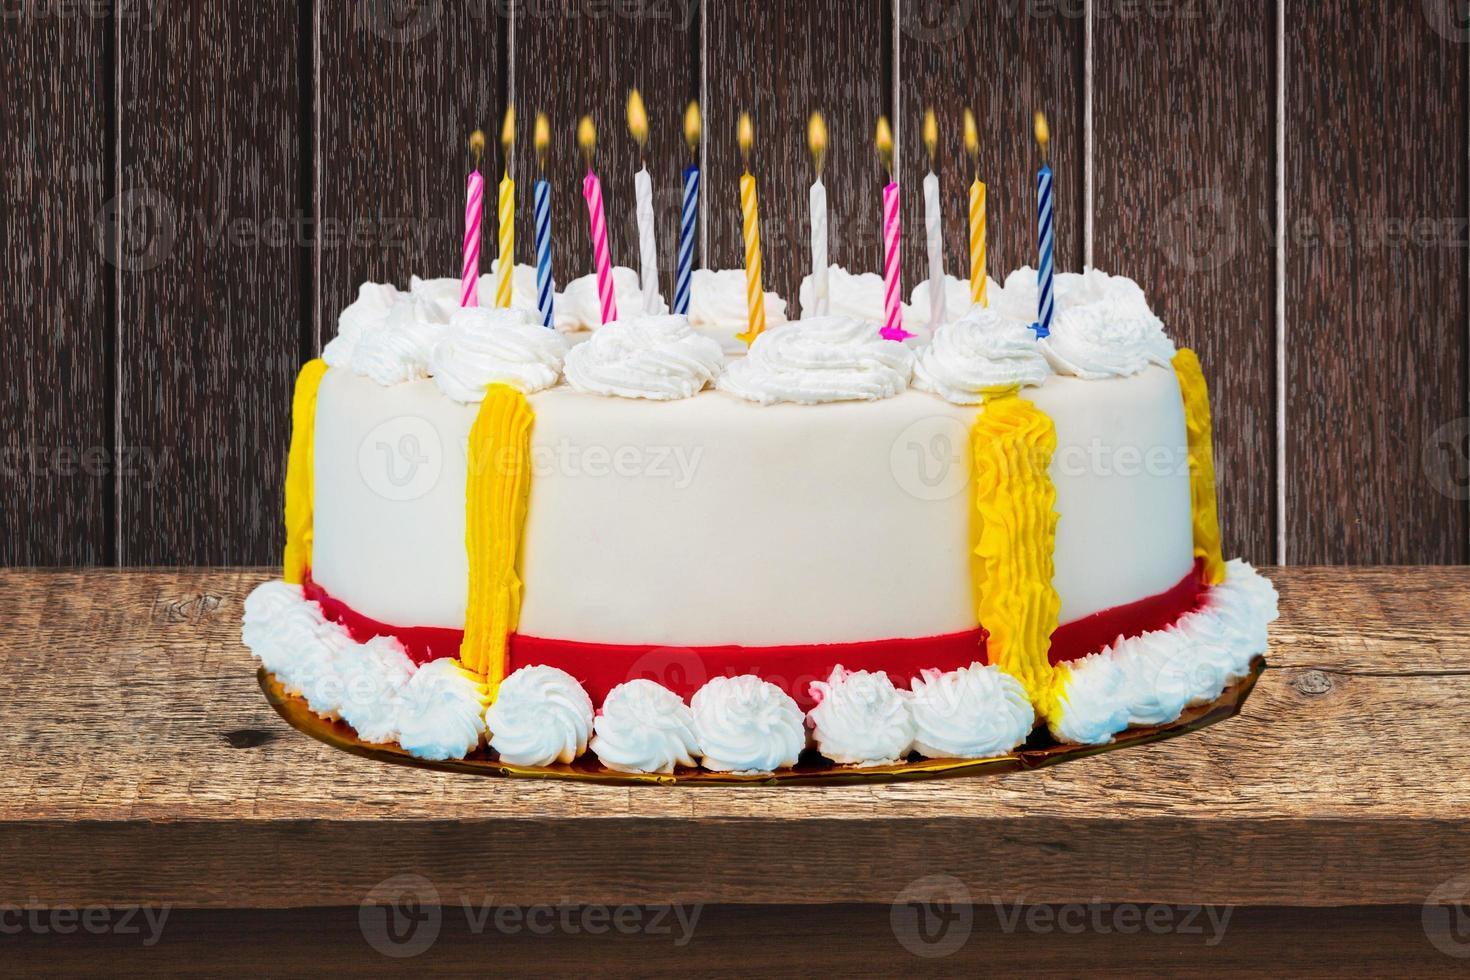 Geburtstag, Geburtstagstorte, Kuchen foto